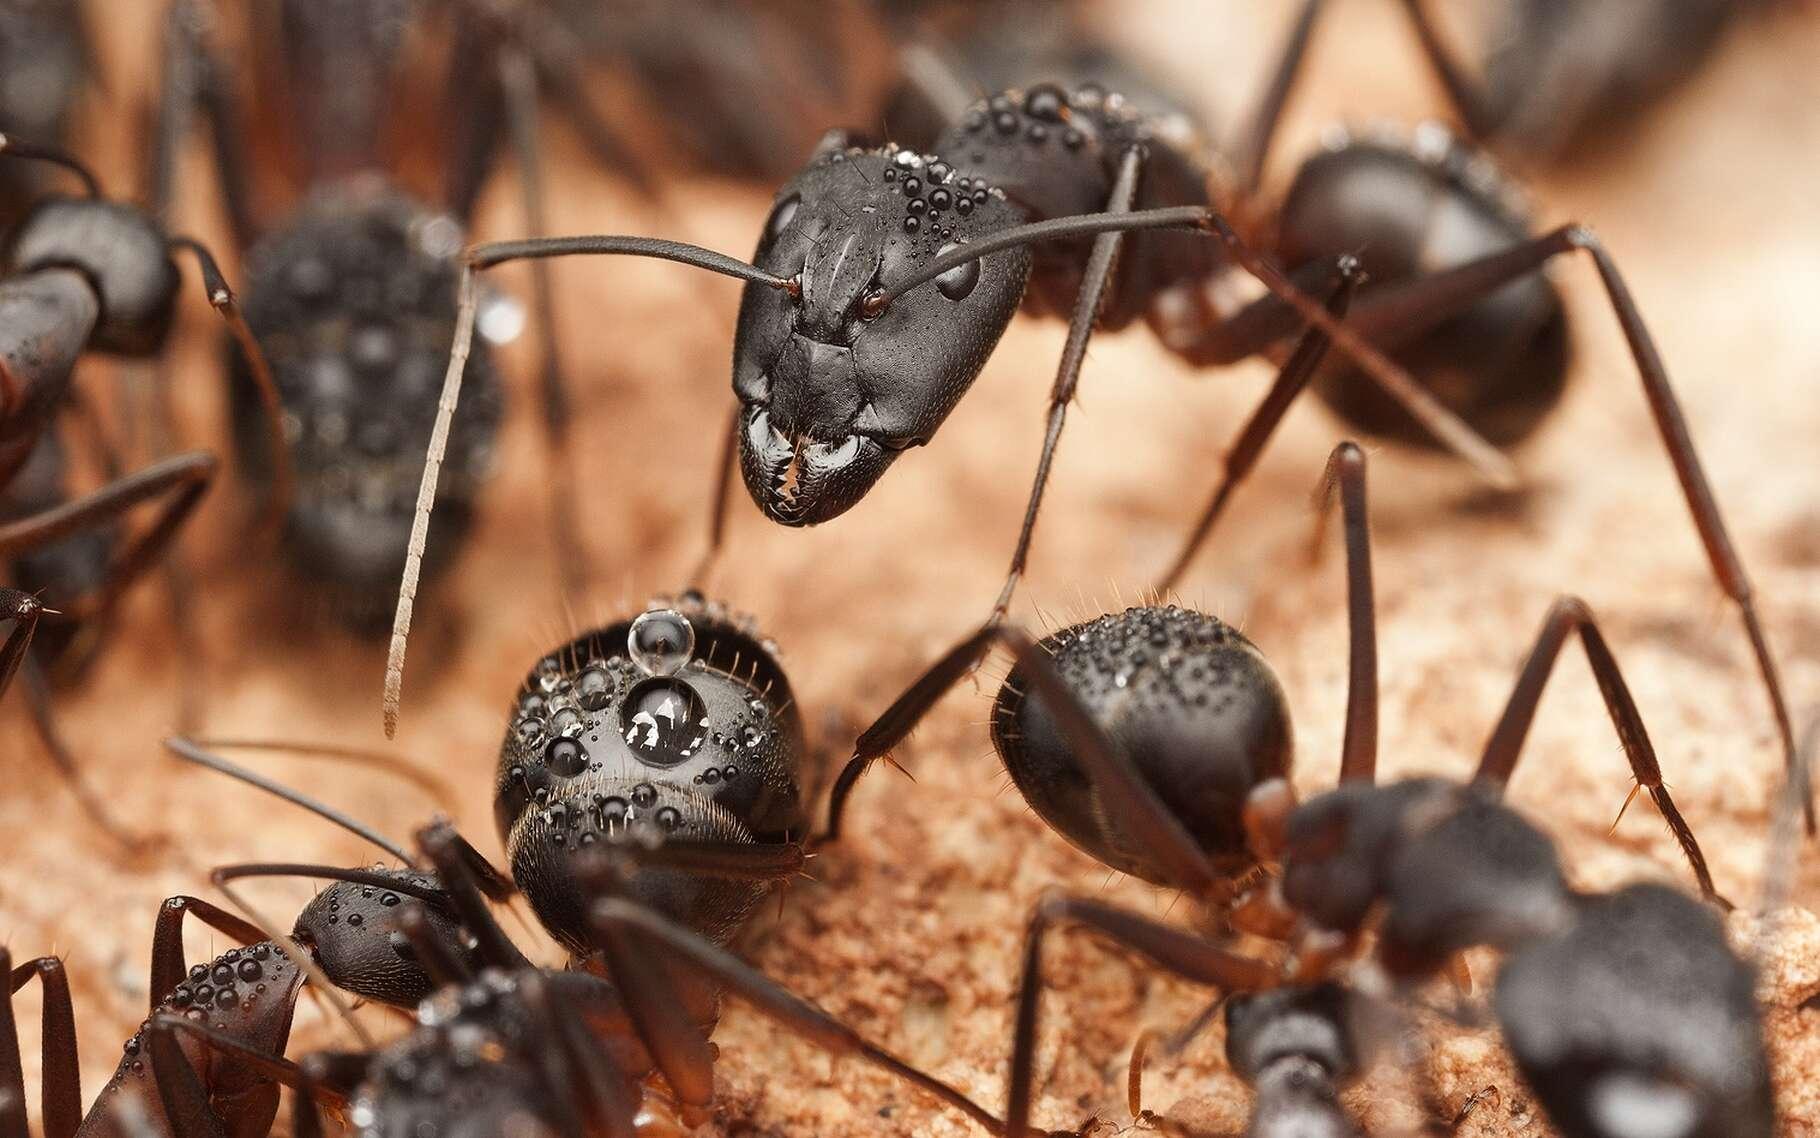 Dans la fourmilière, chaque fourmi joue un rôle précis. © Pavel Krasensky, Shutterstock